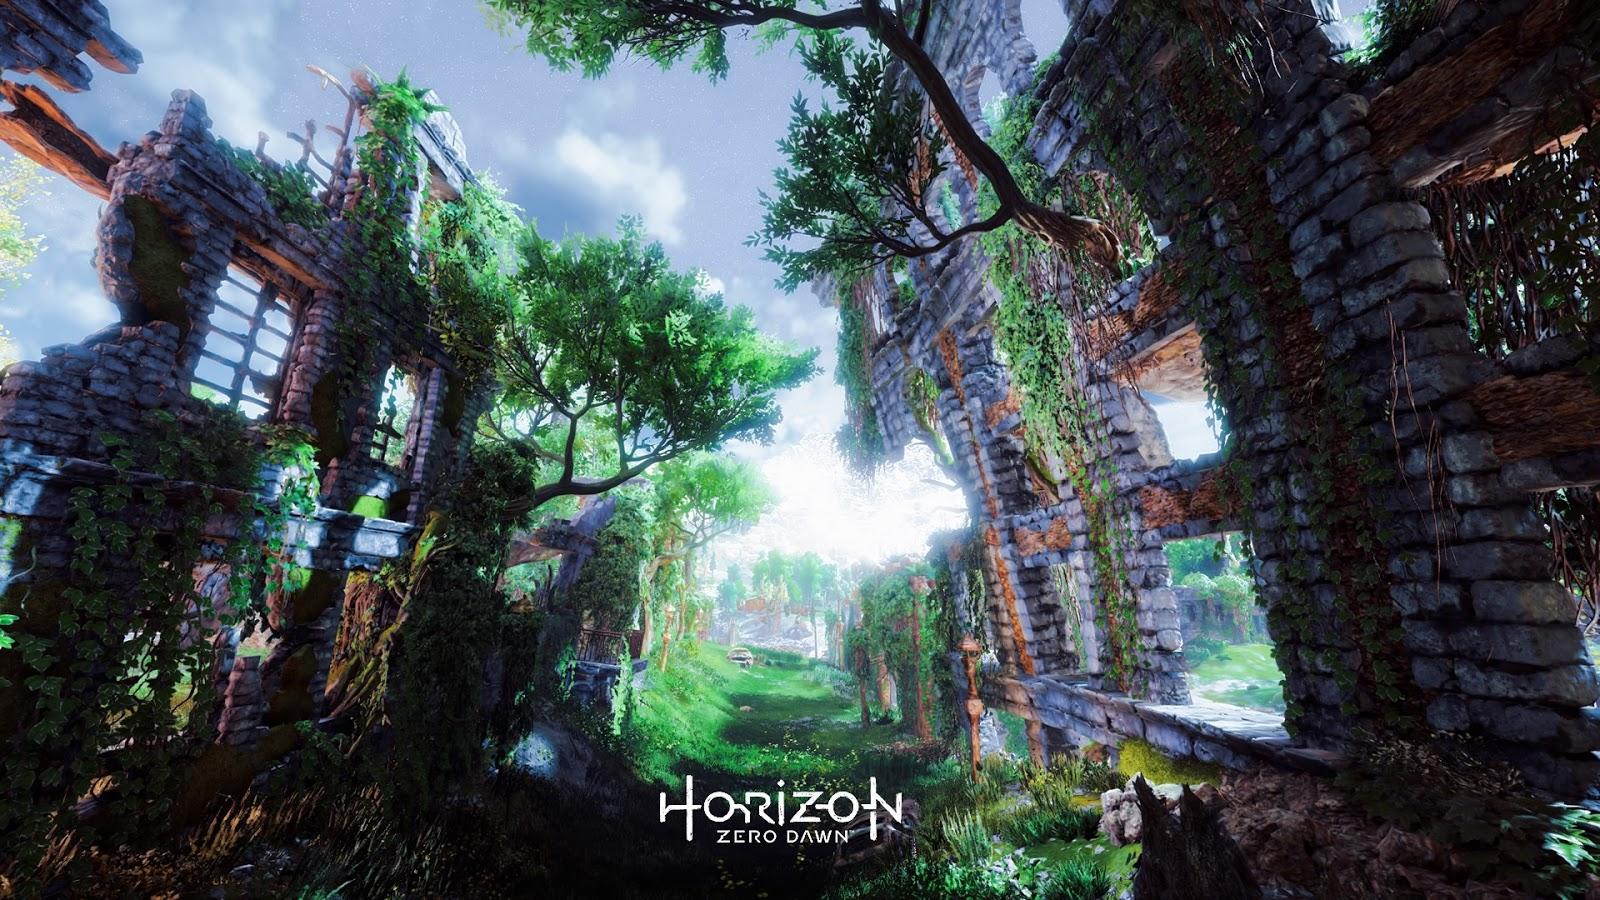 ホライゾンゼロドーン HorizonZeroDawn 壁紙 写真 PC画像 スマホ画像 壁紙 神ゲー 家ゲーRPG イラスト 実写のような